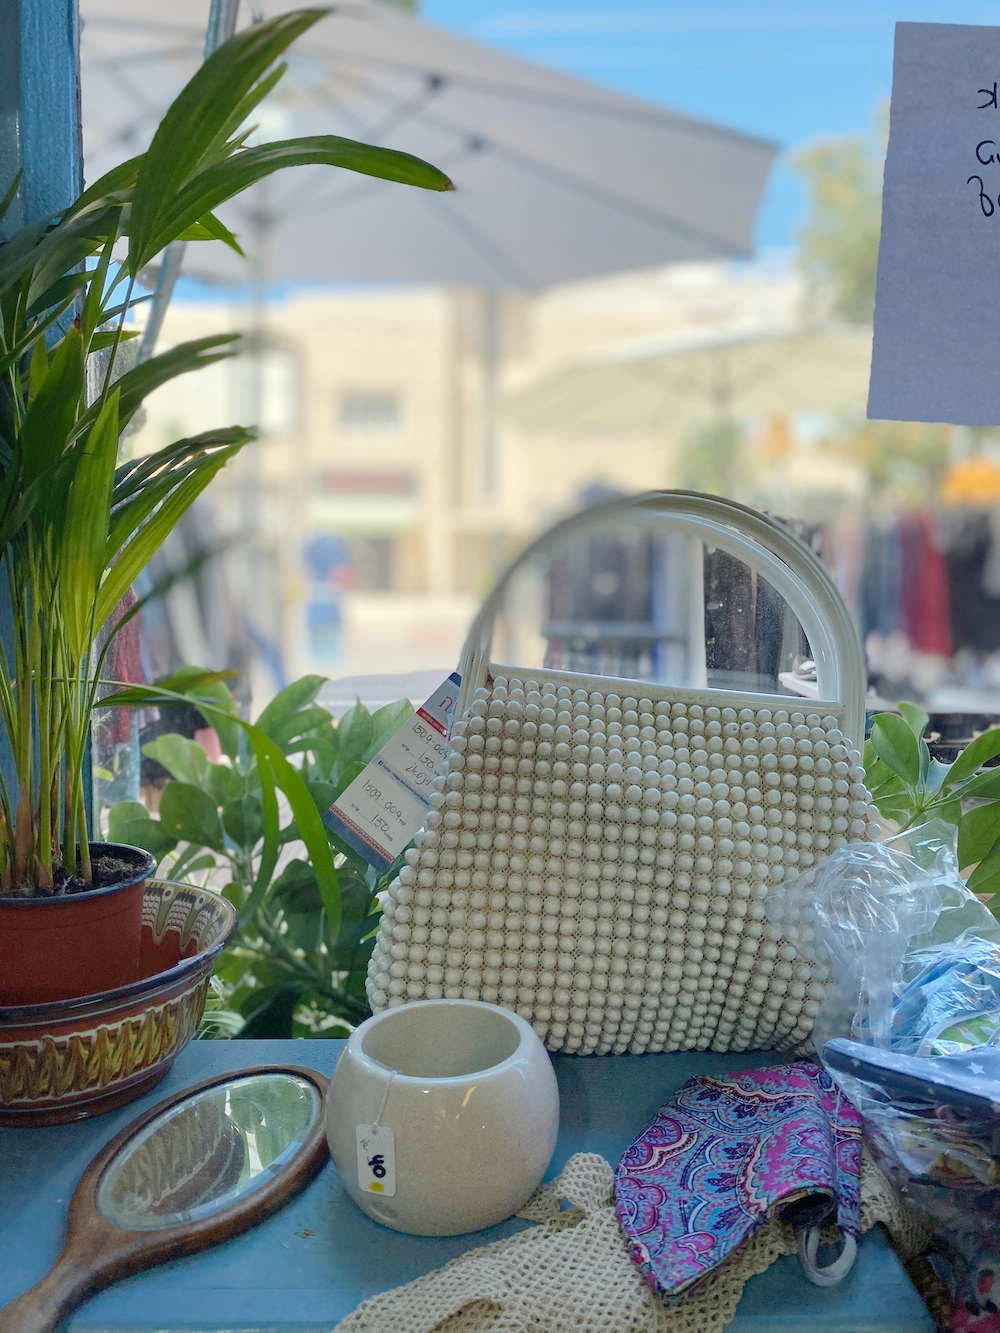 אניצ׳ה חנות וינטג׳ יד שניה שירי ויצנר בלוג חיפאית1